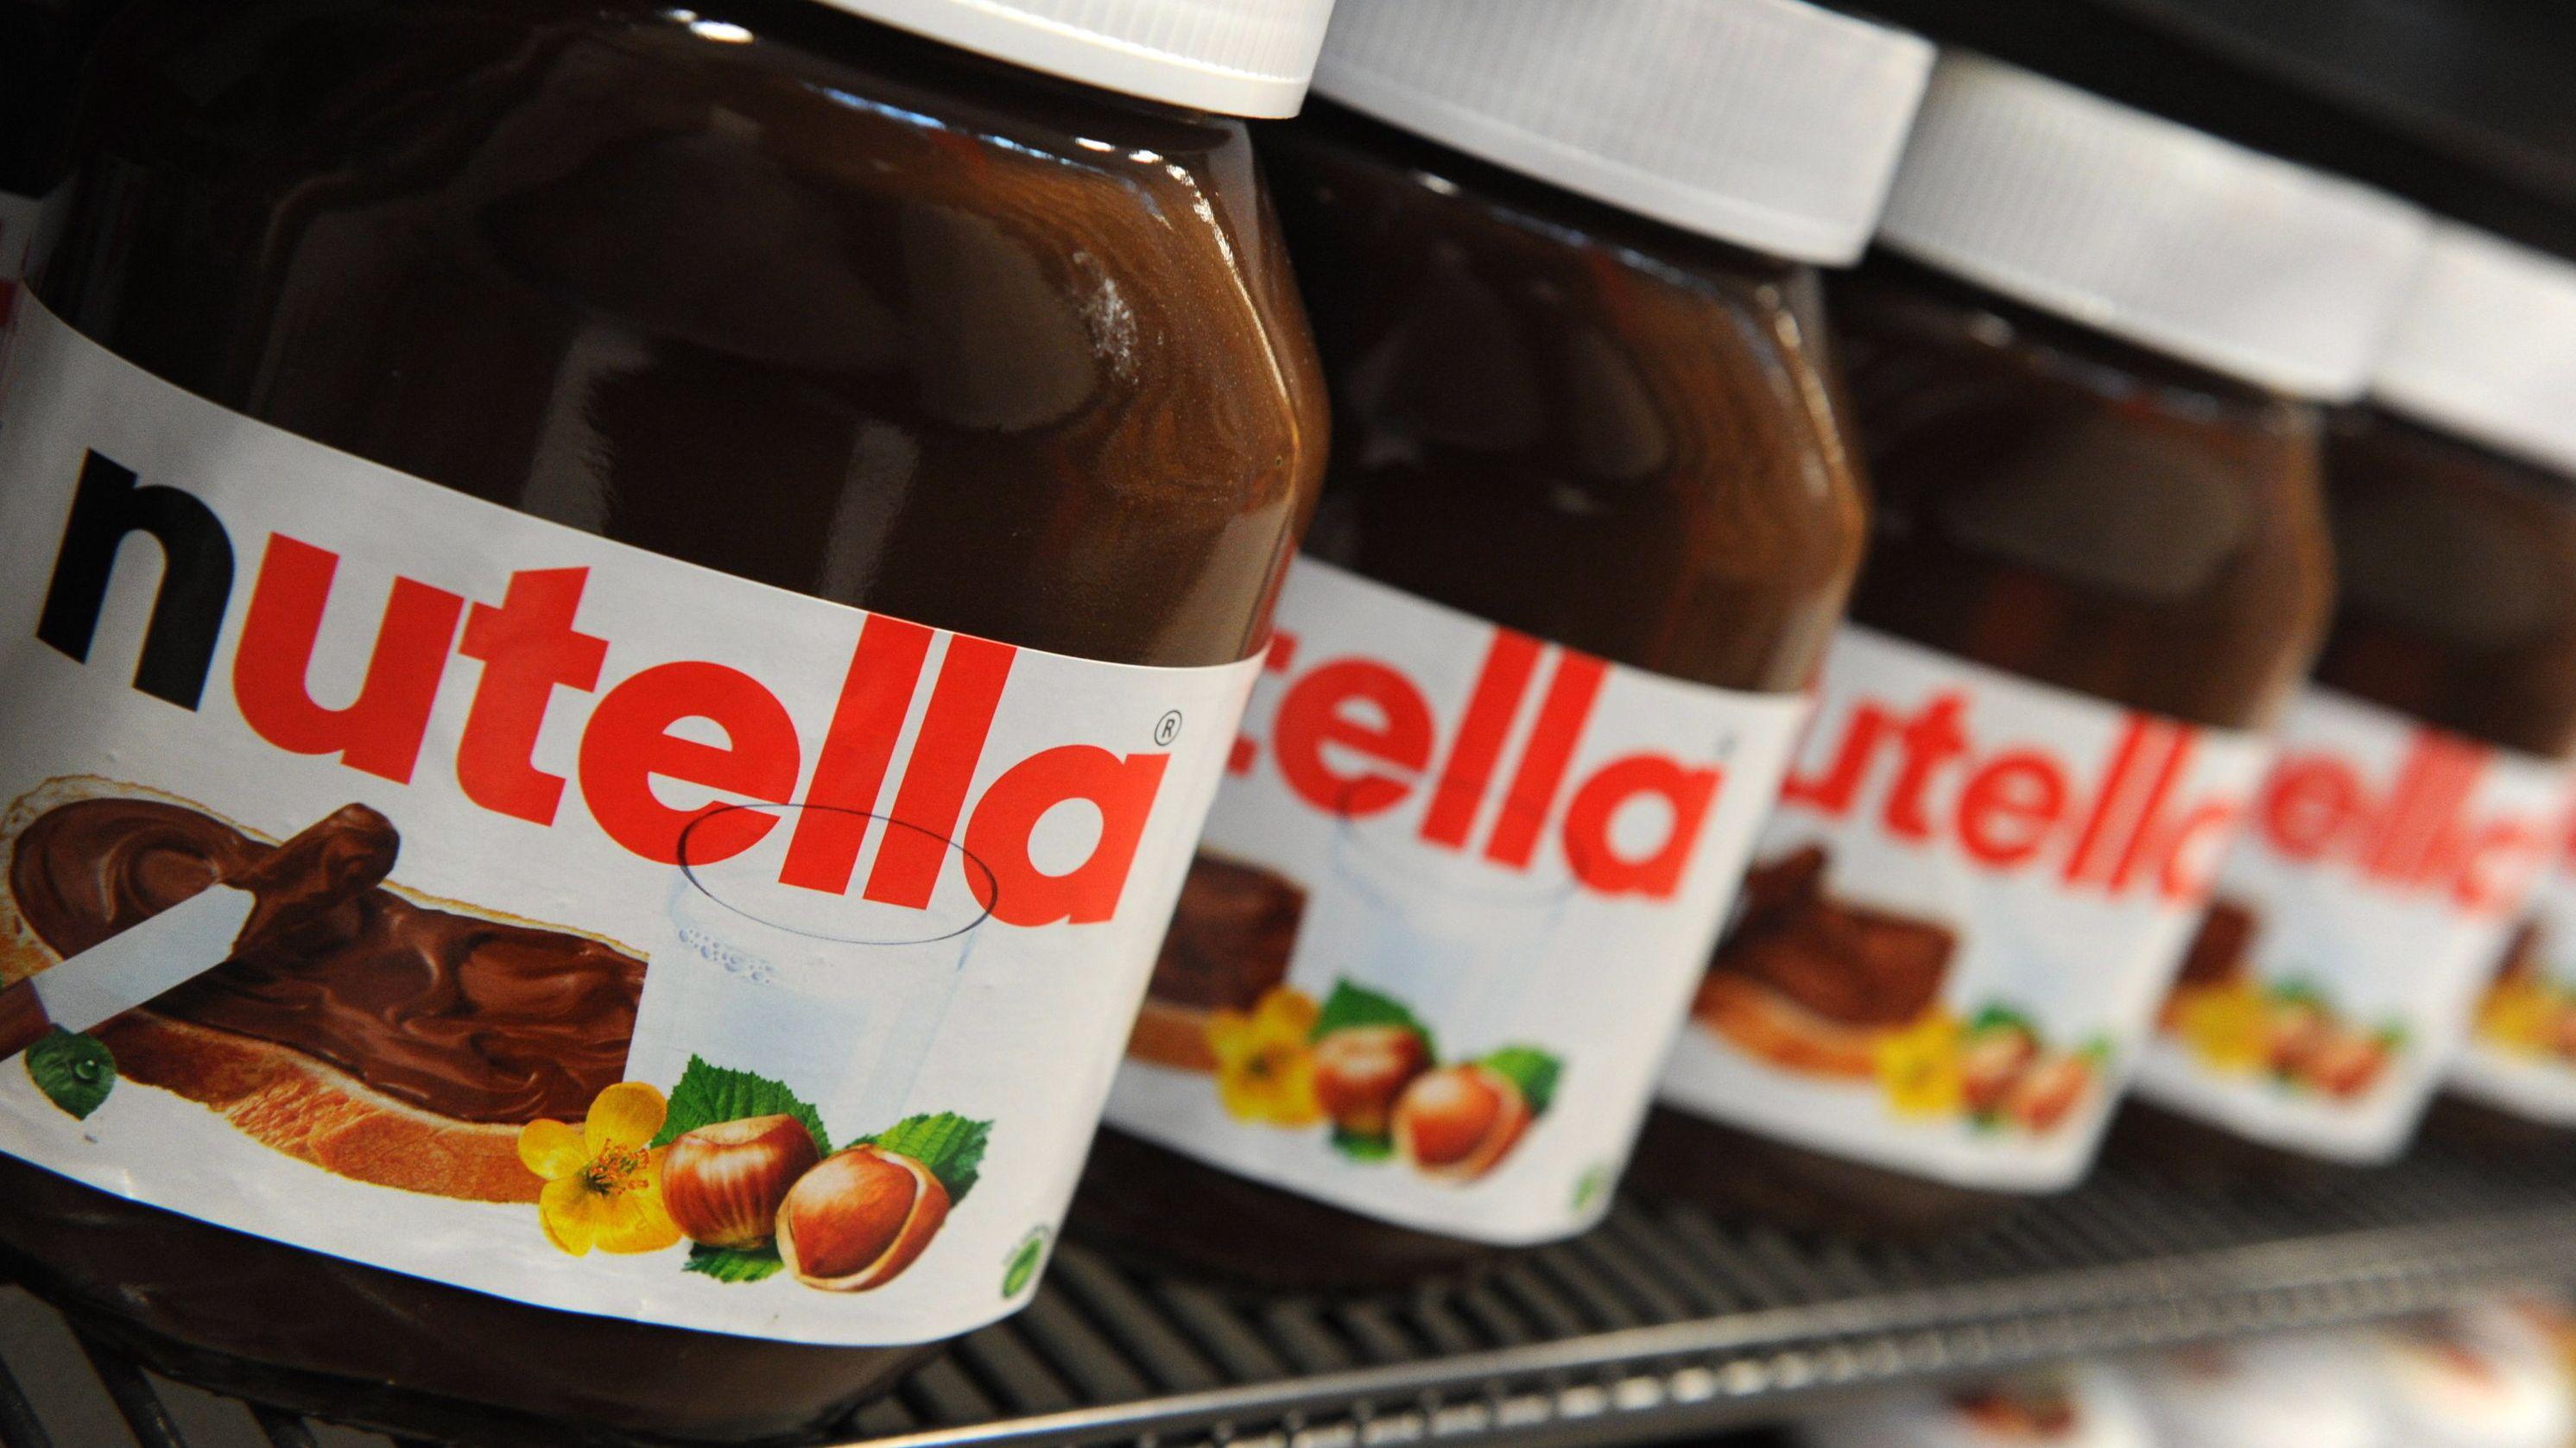 Nutella-Gläser im Supermarkt-Regal